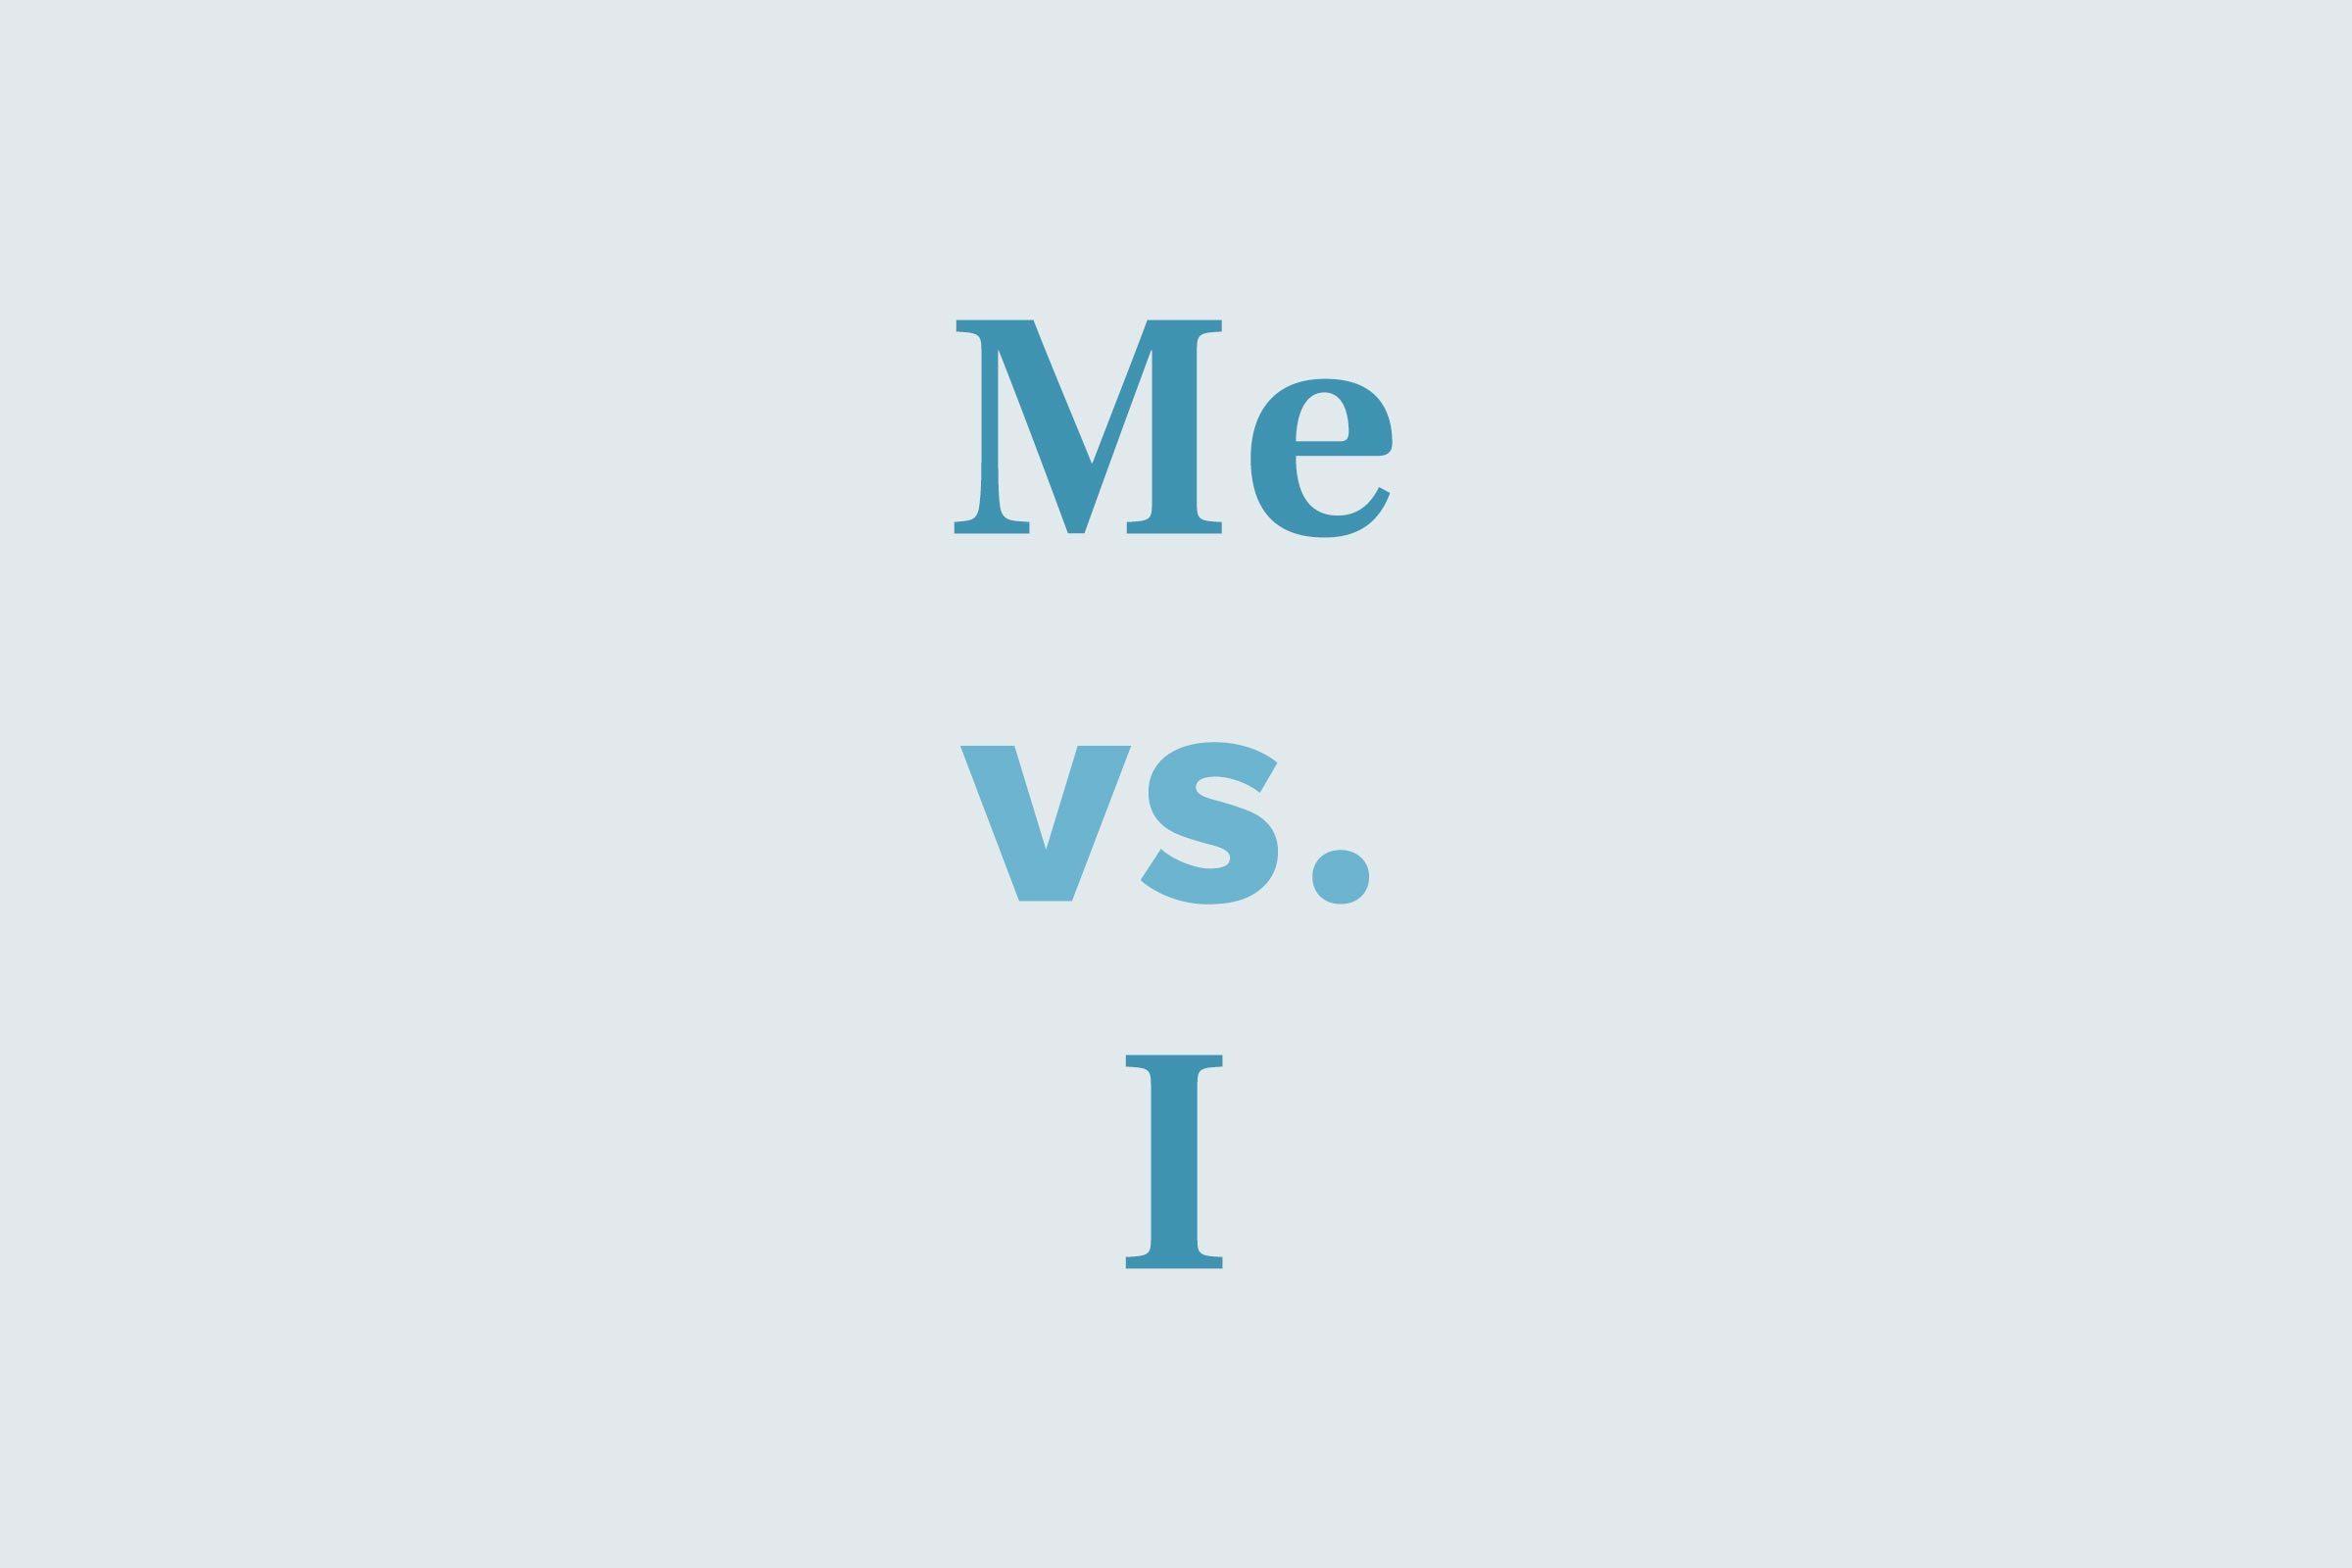 Me vs. I